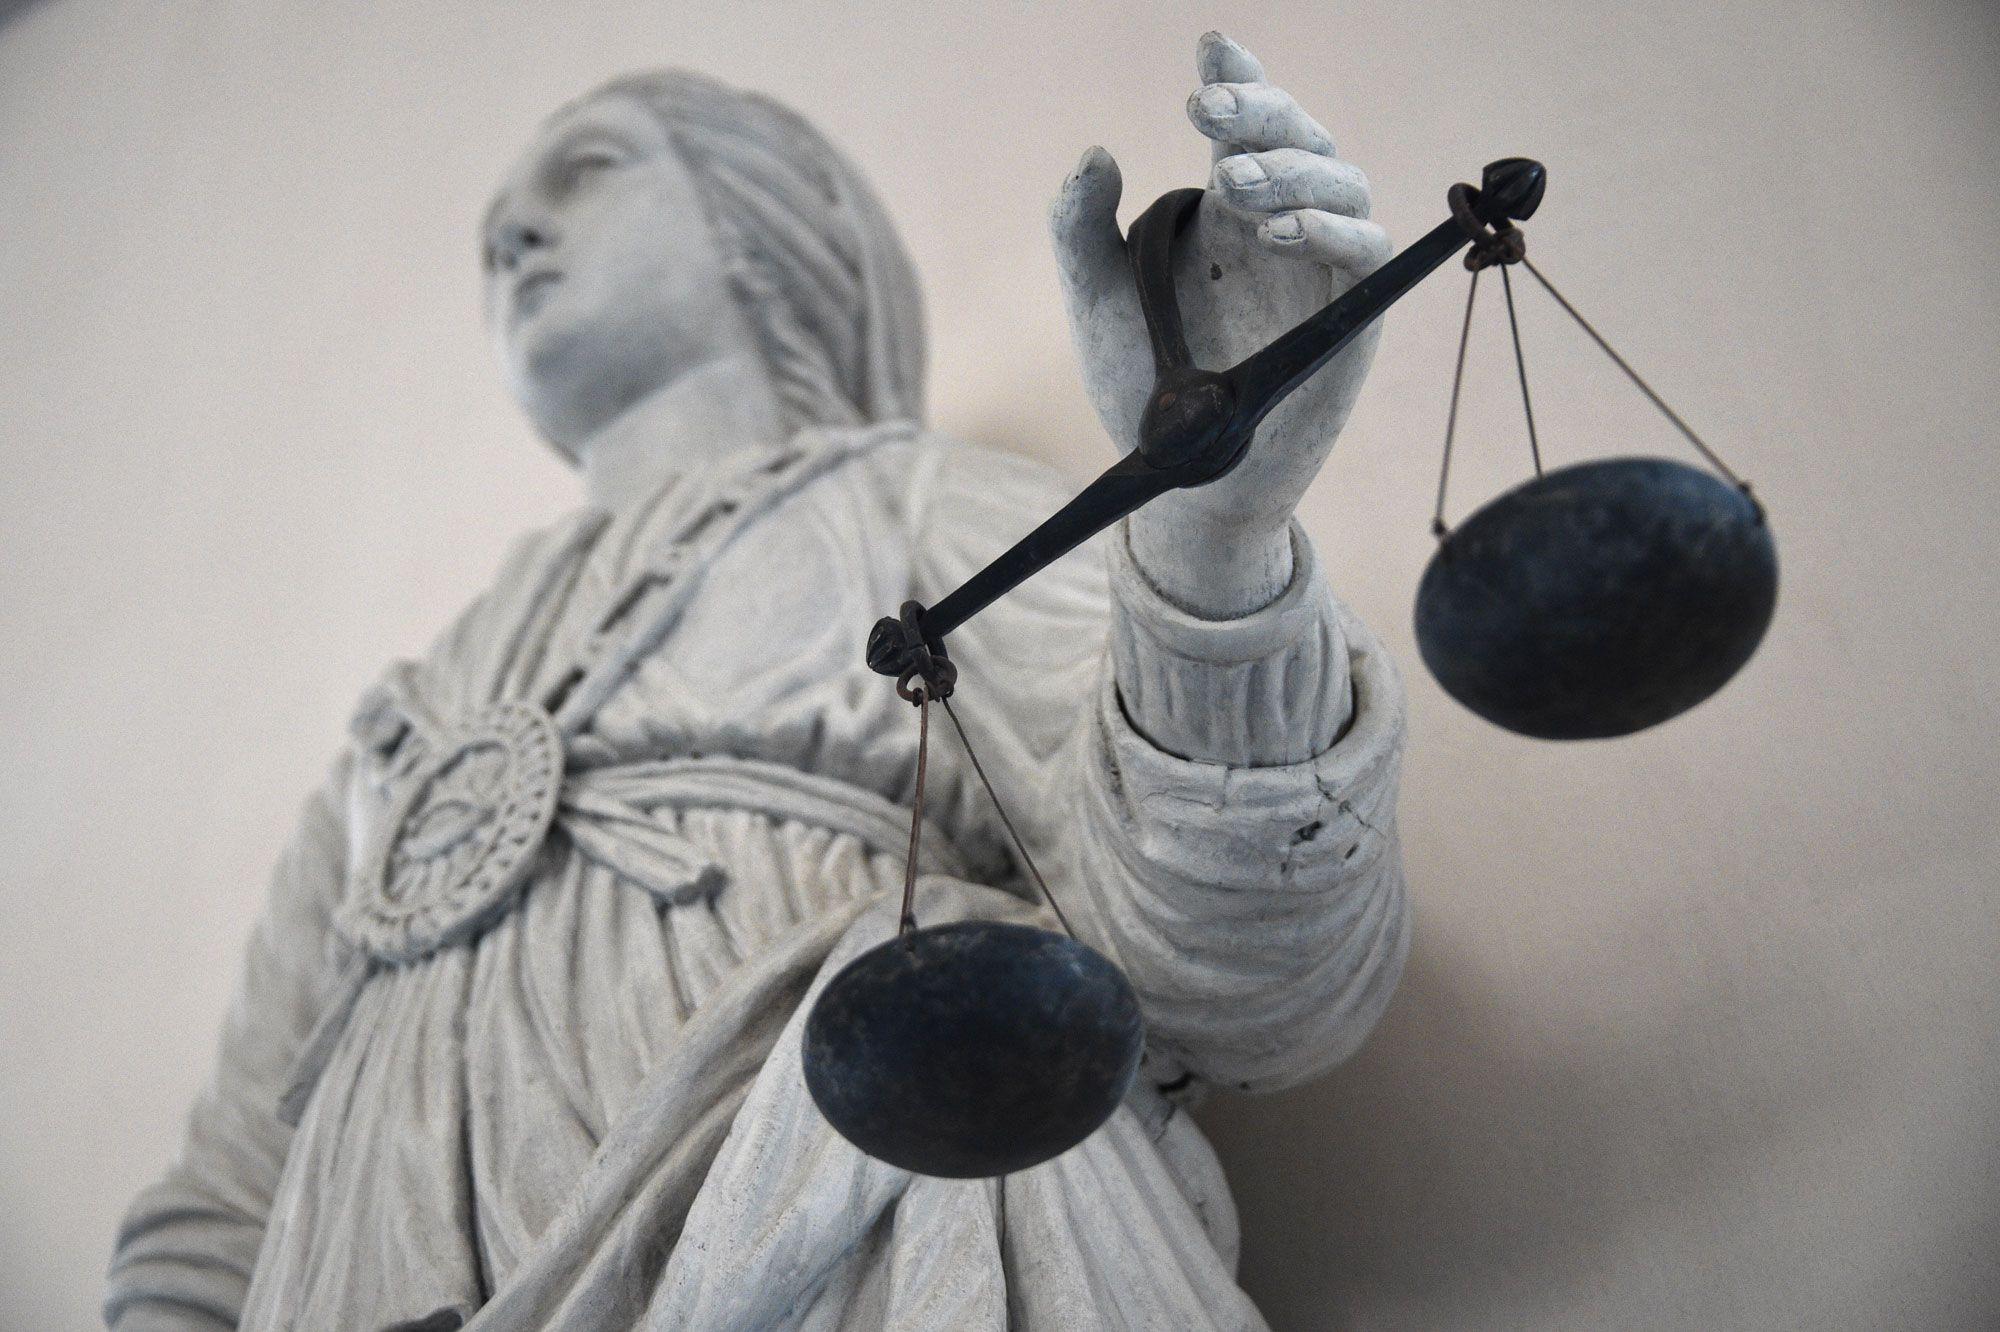 Un conseiller municipal de Clermont-Ferrand condamné à six ans de prison pour viol